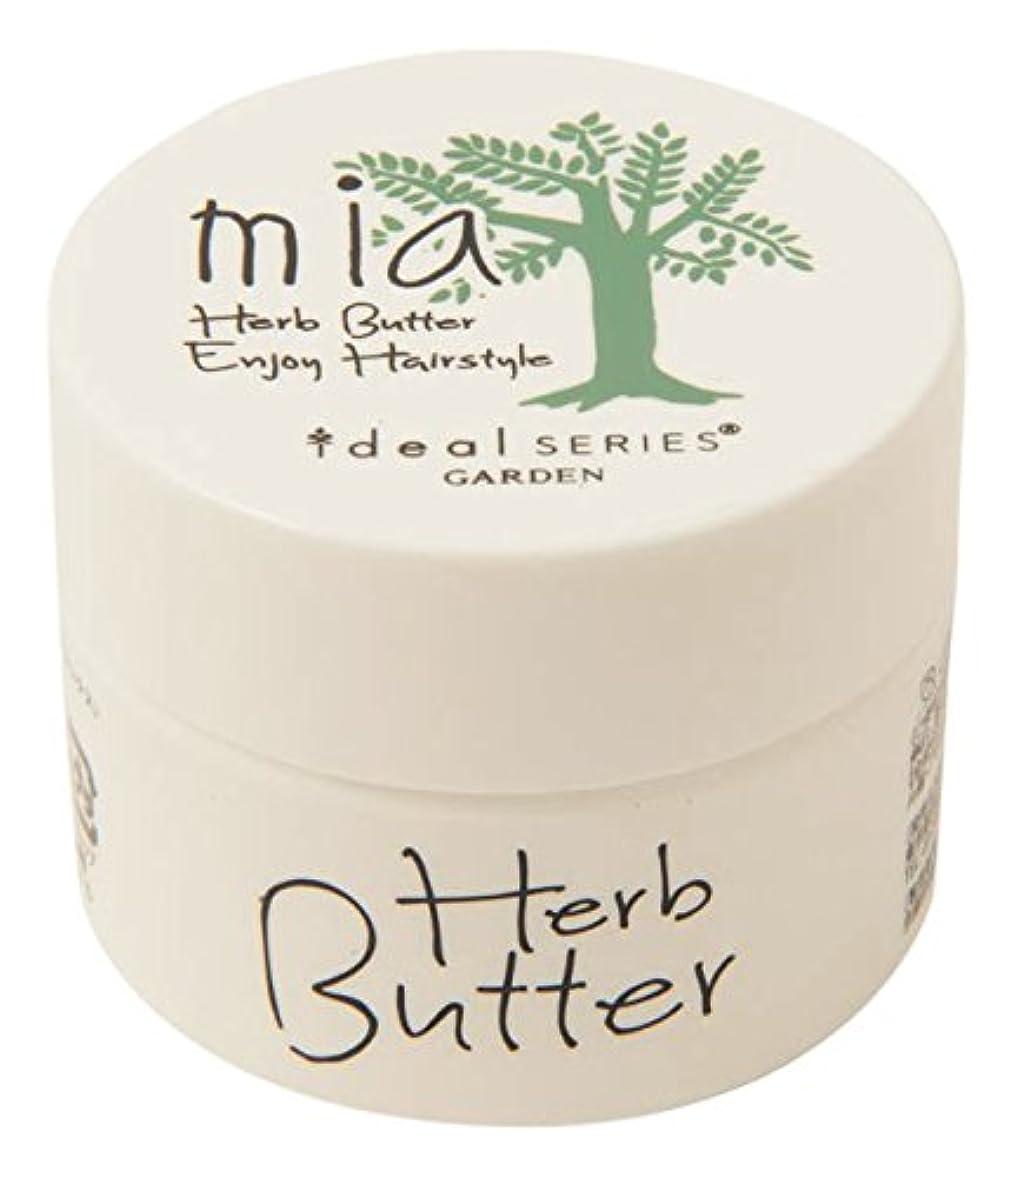 酸度に対応クラッチGARDEN ideal SERIES  mia(ミア)ハーブバター